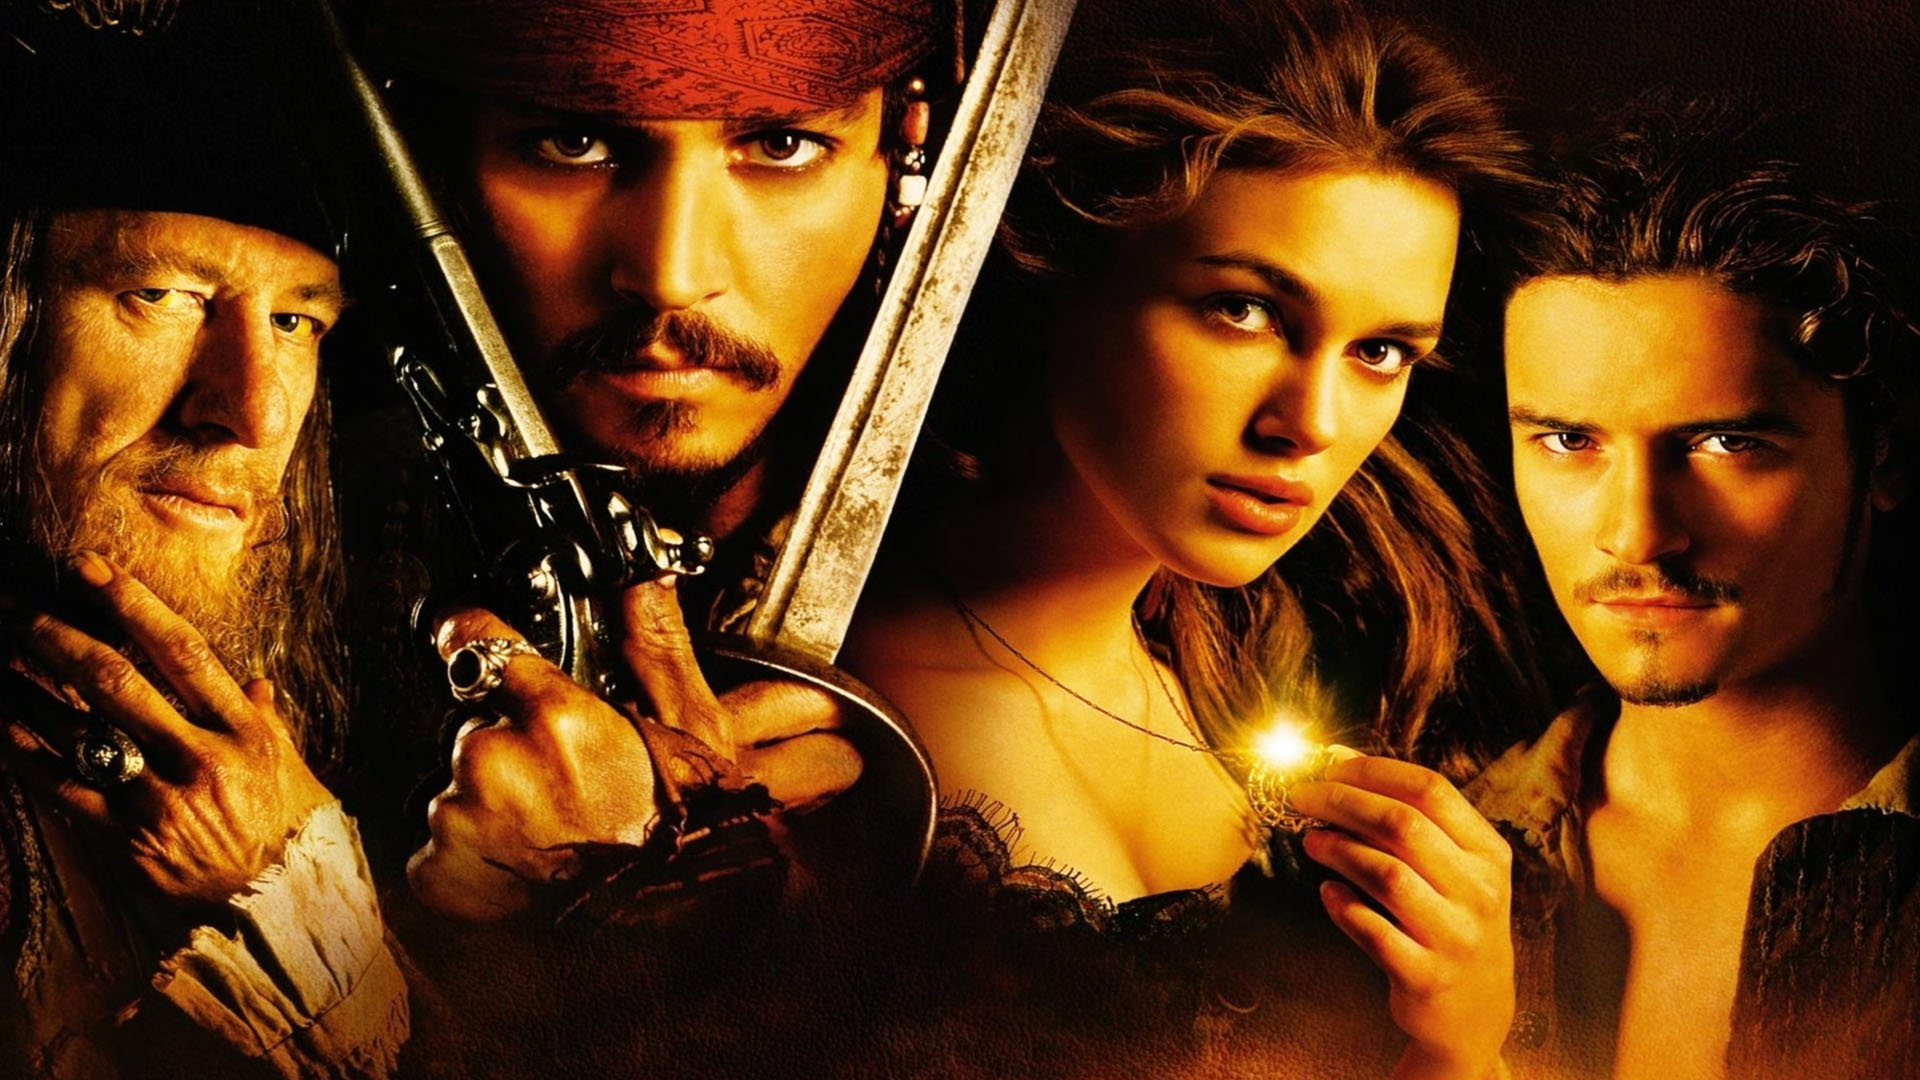 加勒比海盗1:黑珍珠号的诅咒-电影-高清在线观看-搜狐视频会员